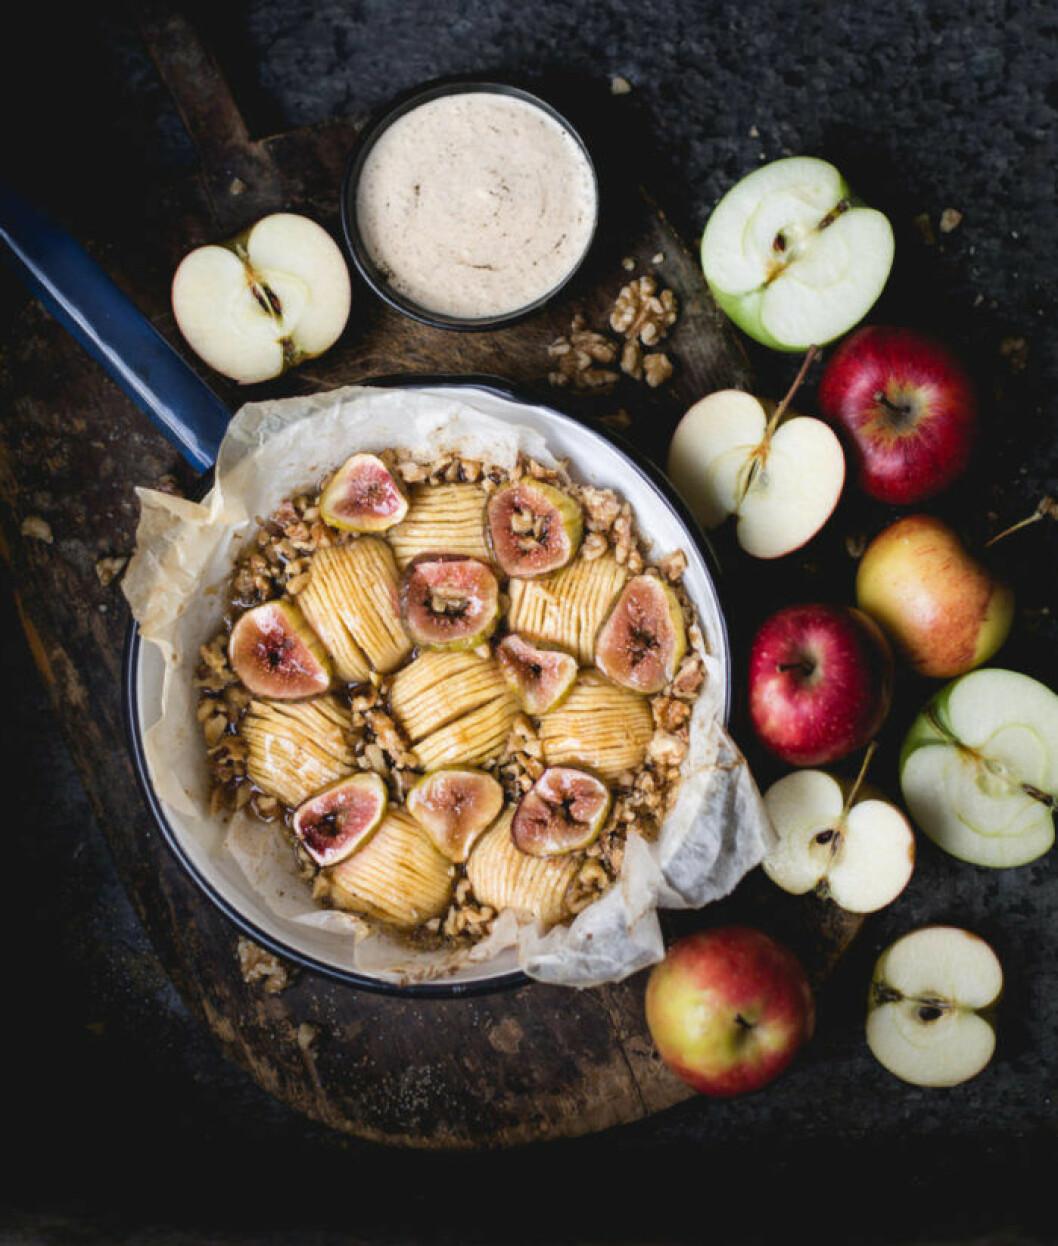 Äppelkaka med fikon och valnötter Diadonna